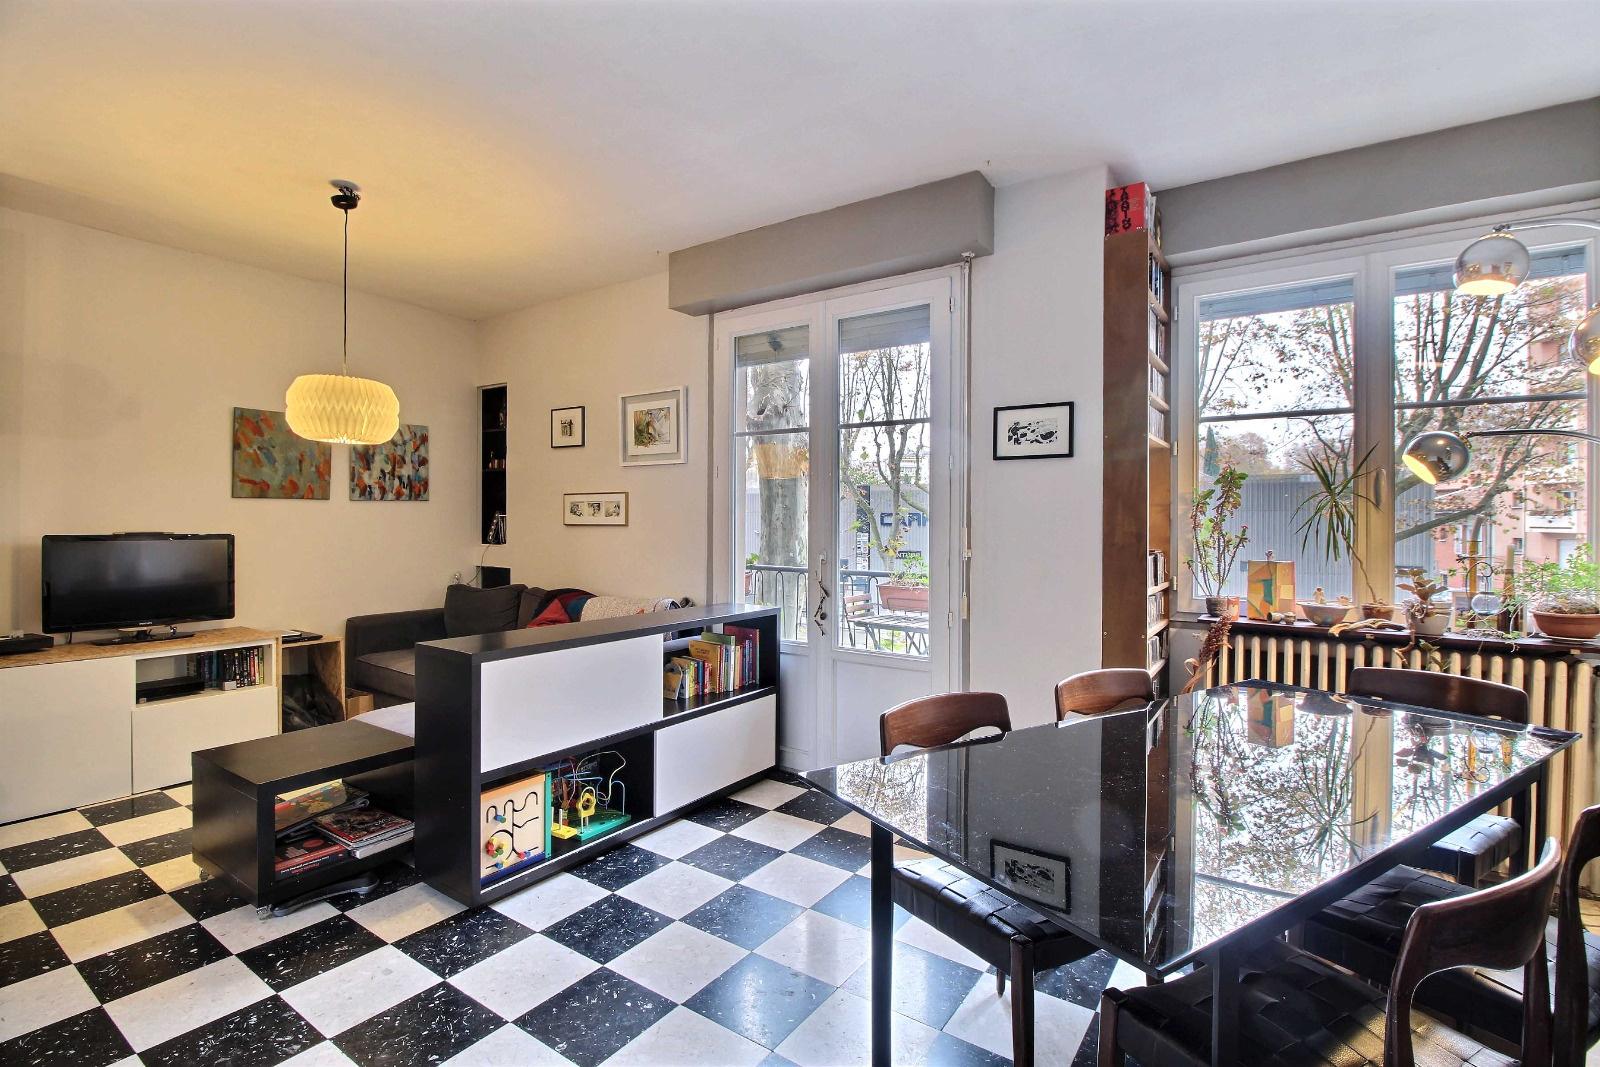 Cabinet du printemps l 39 immobilier toulouse centre ville st sernin les argoulets et alentours - Cabinet l immeuble toulouse ...